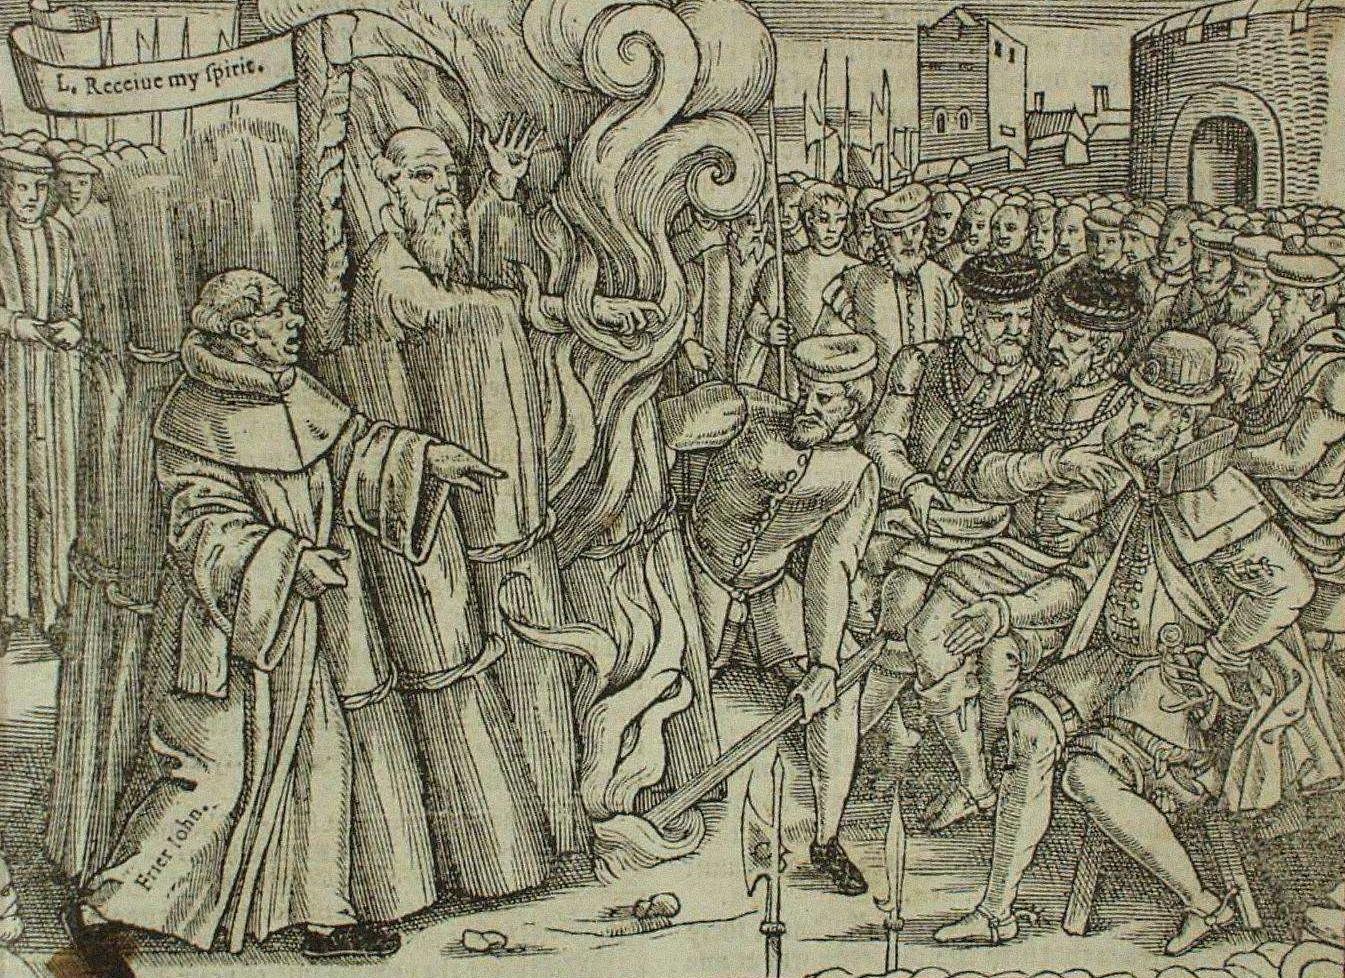 reformation,英国16世纪宗教改革,essay代写,作业代写,代写